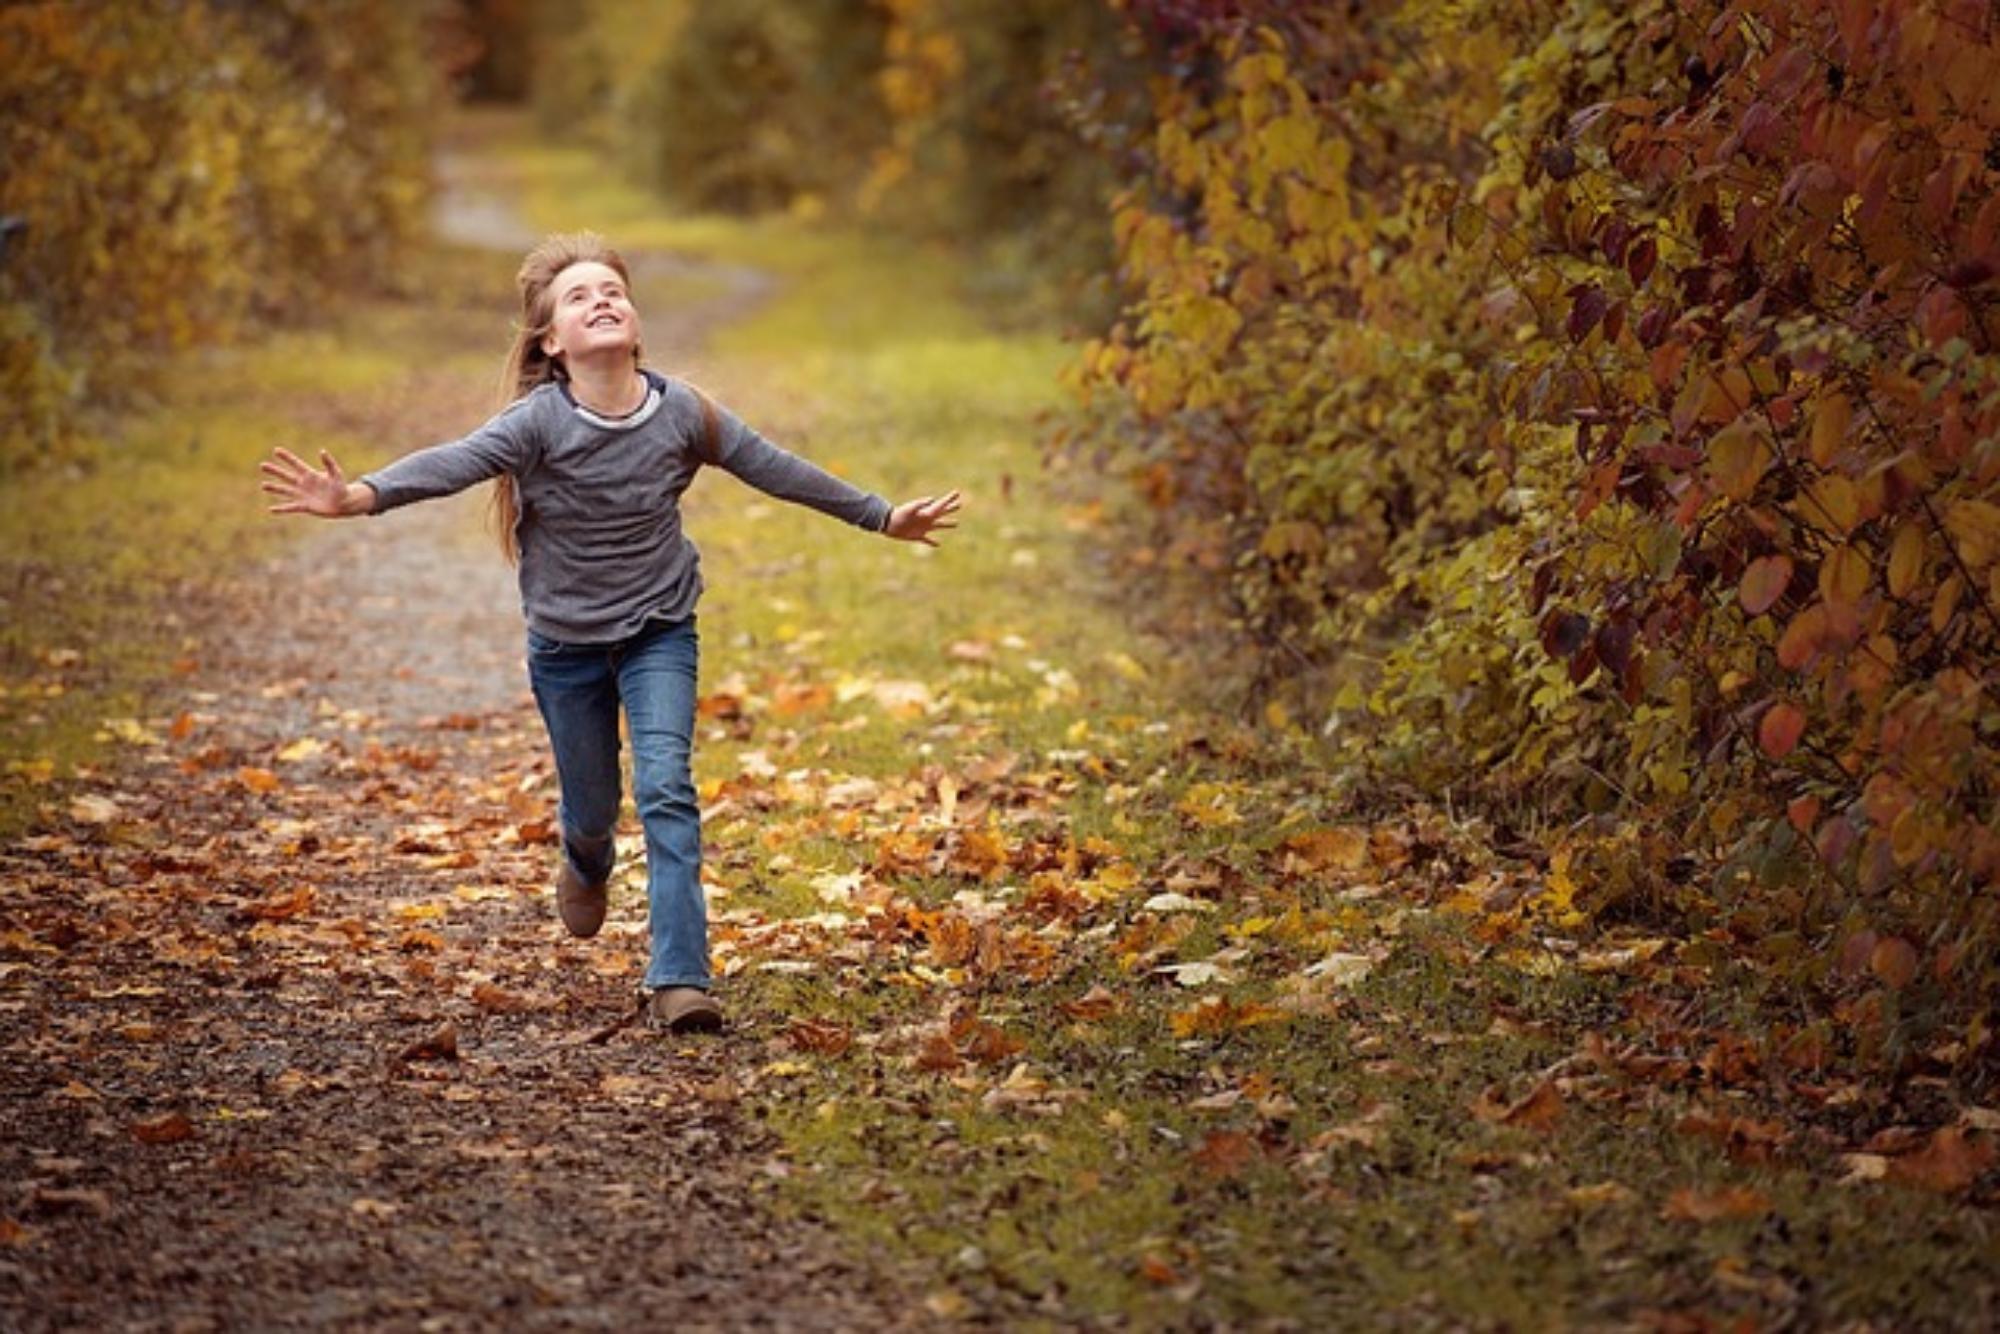 Sposoby na aktywne spędzanie czasu z dziećmi